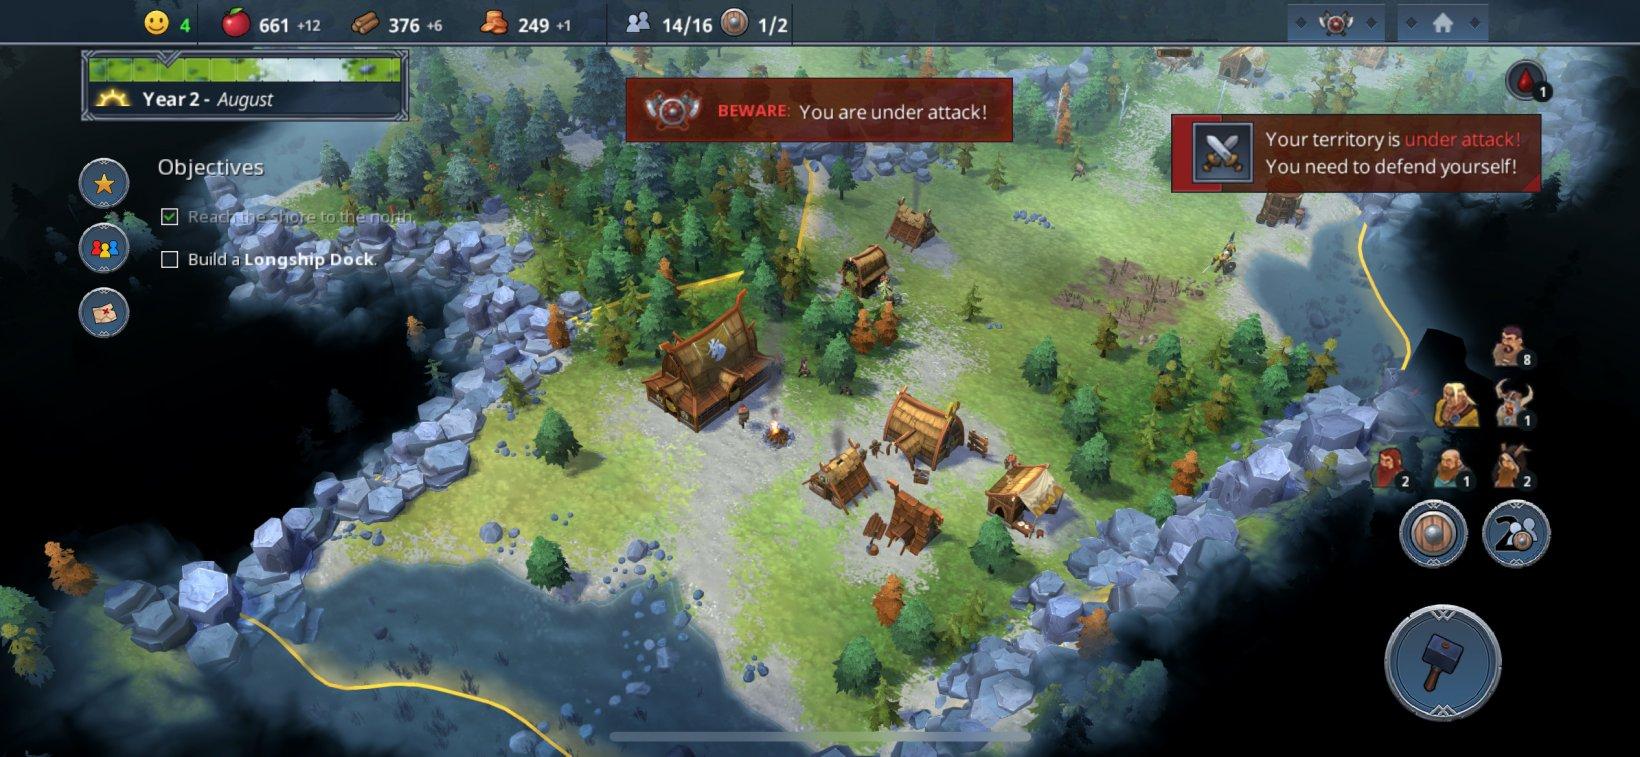 Обзор Northgard Mobile. Потрясающий мир с несколькими недочетами